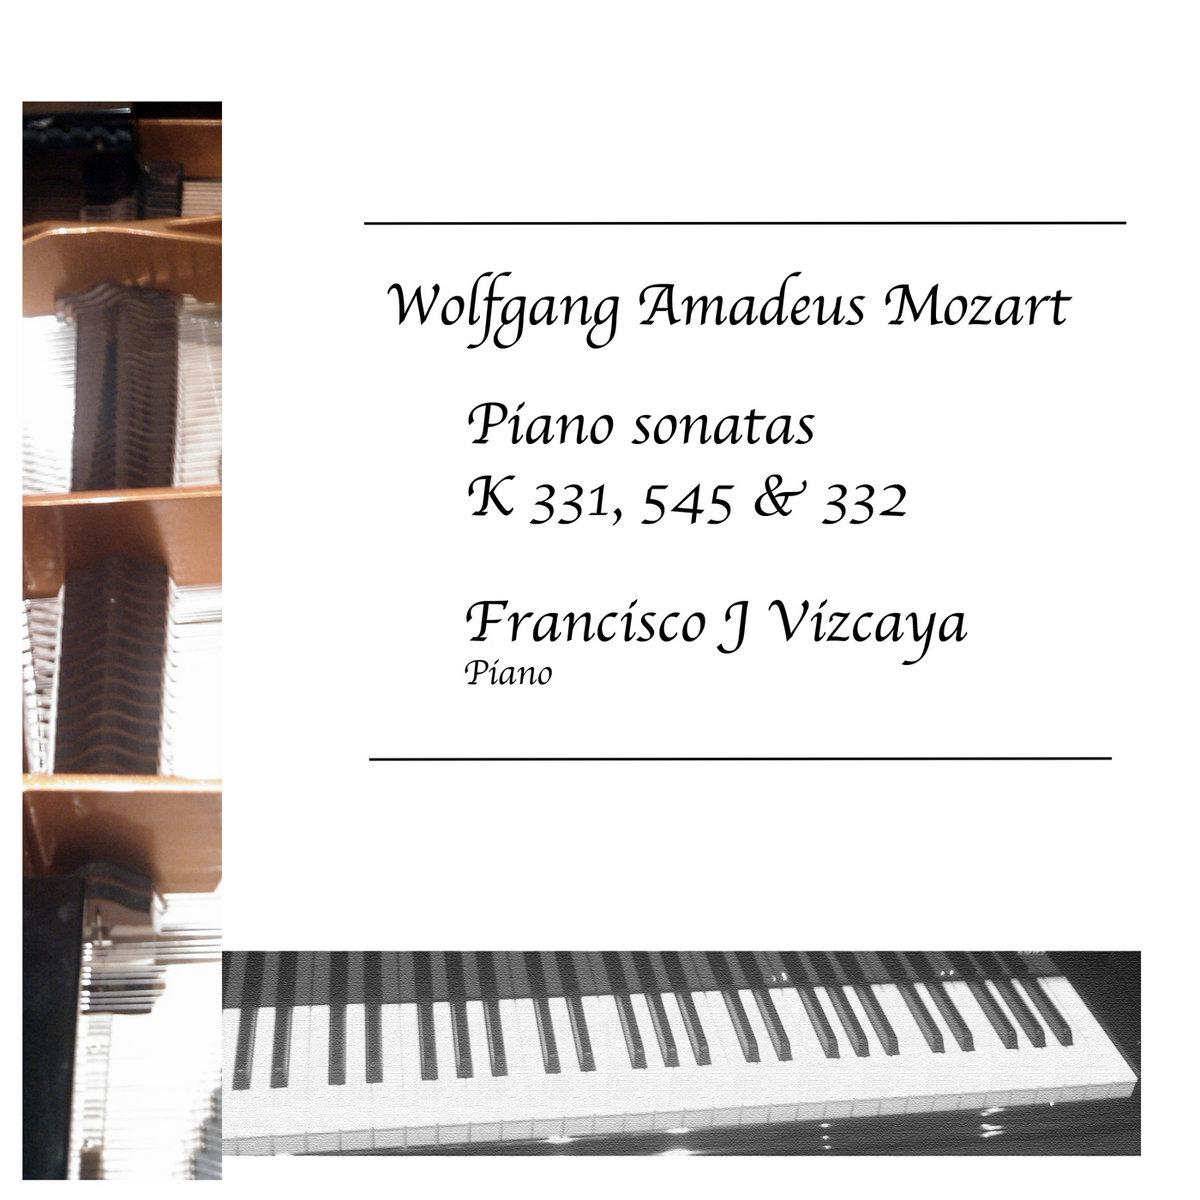 mozart sonata k 331 2 - piano sonata no 11 in a major k331 - ii menuetto, a minuet and trio  3 - piano sonata no 11 in a major k331 - iii alla turca, allegretto.